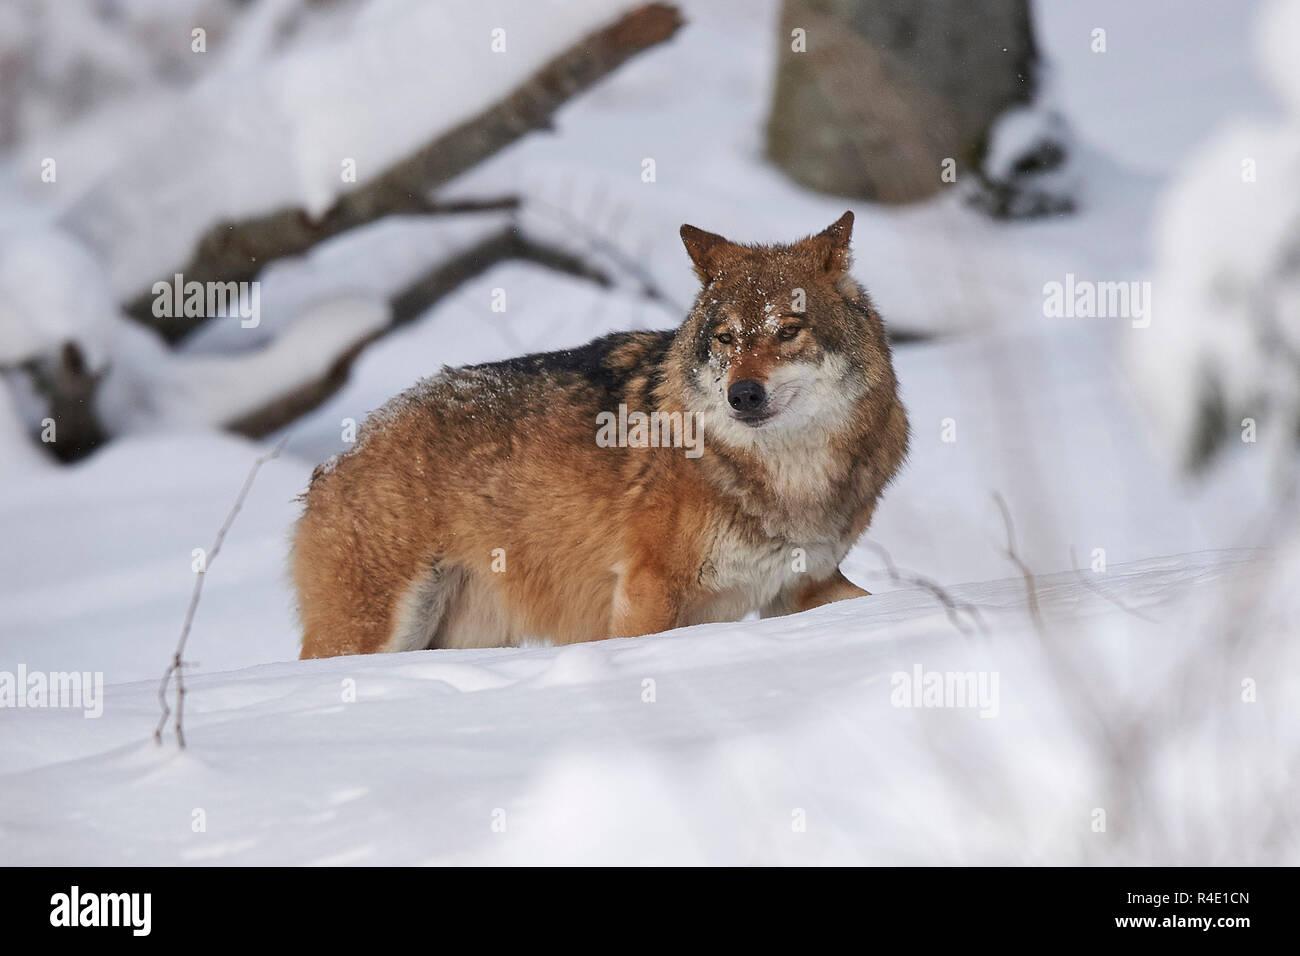 Una unión lobo en la nieve. Imagen De Stock